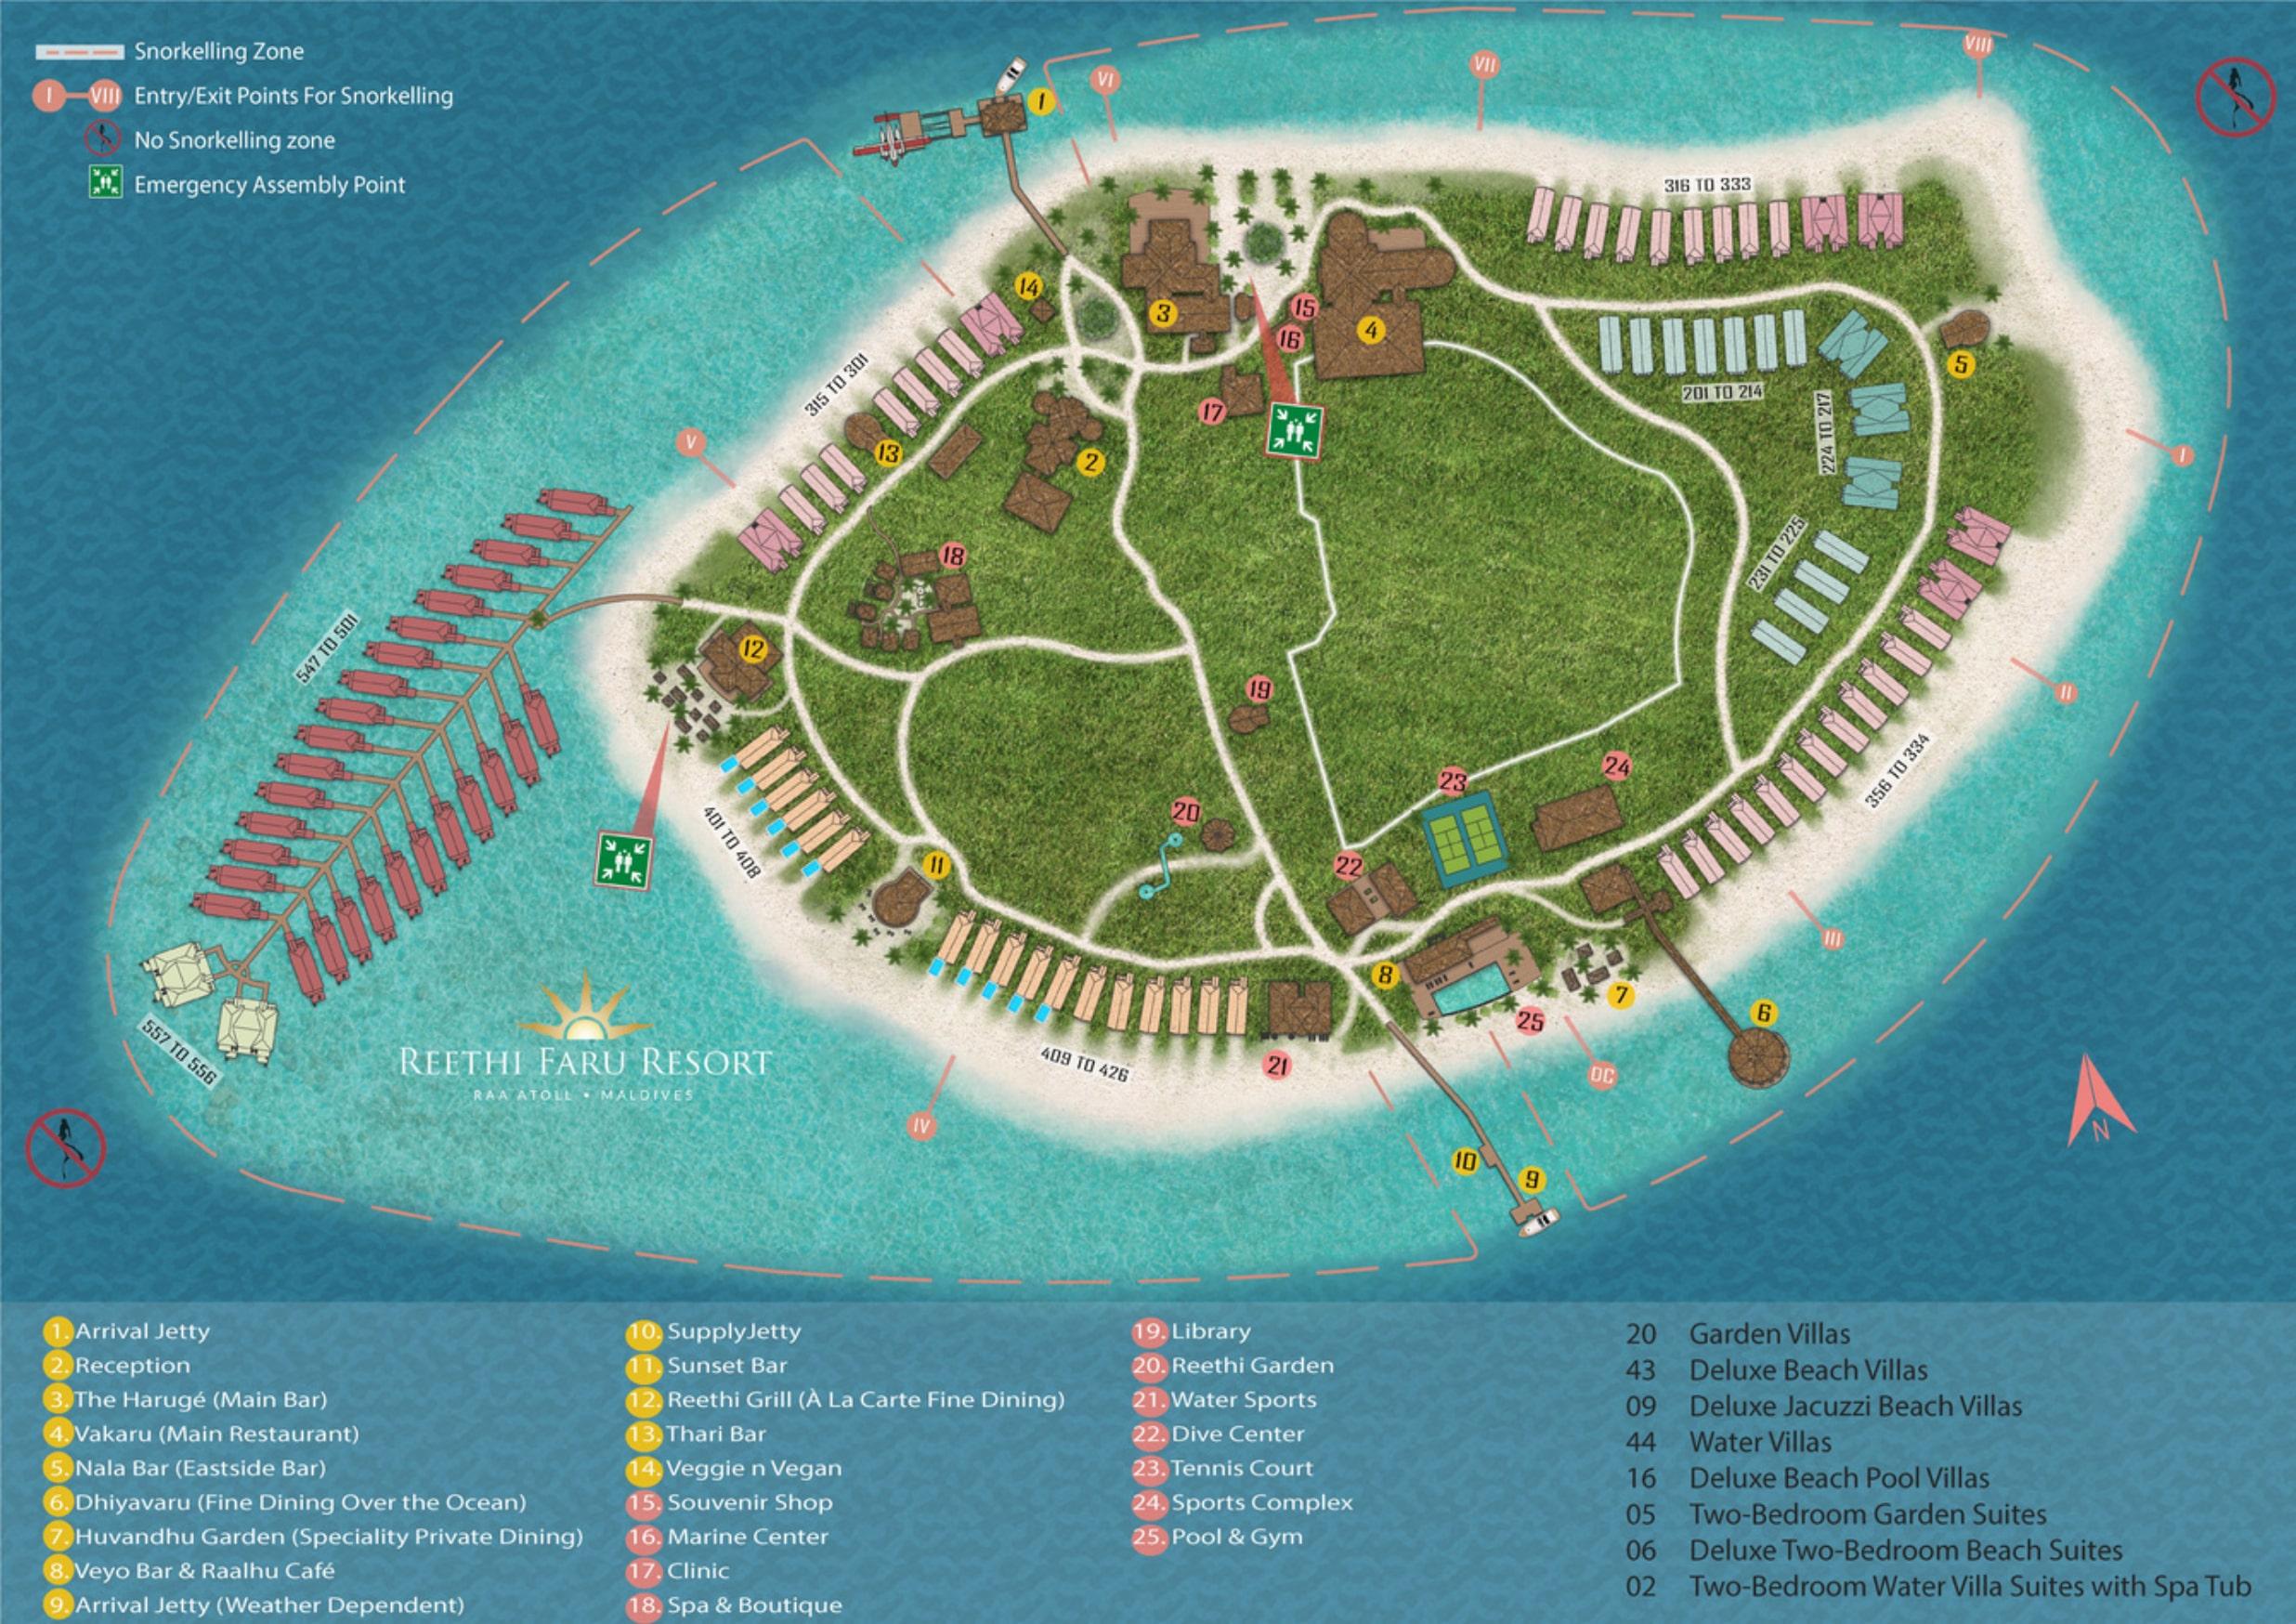 mappa Reethi Faru Maldive, Map Maldives